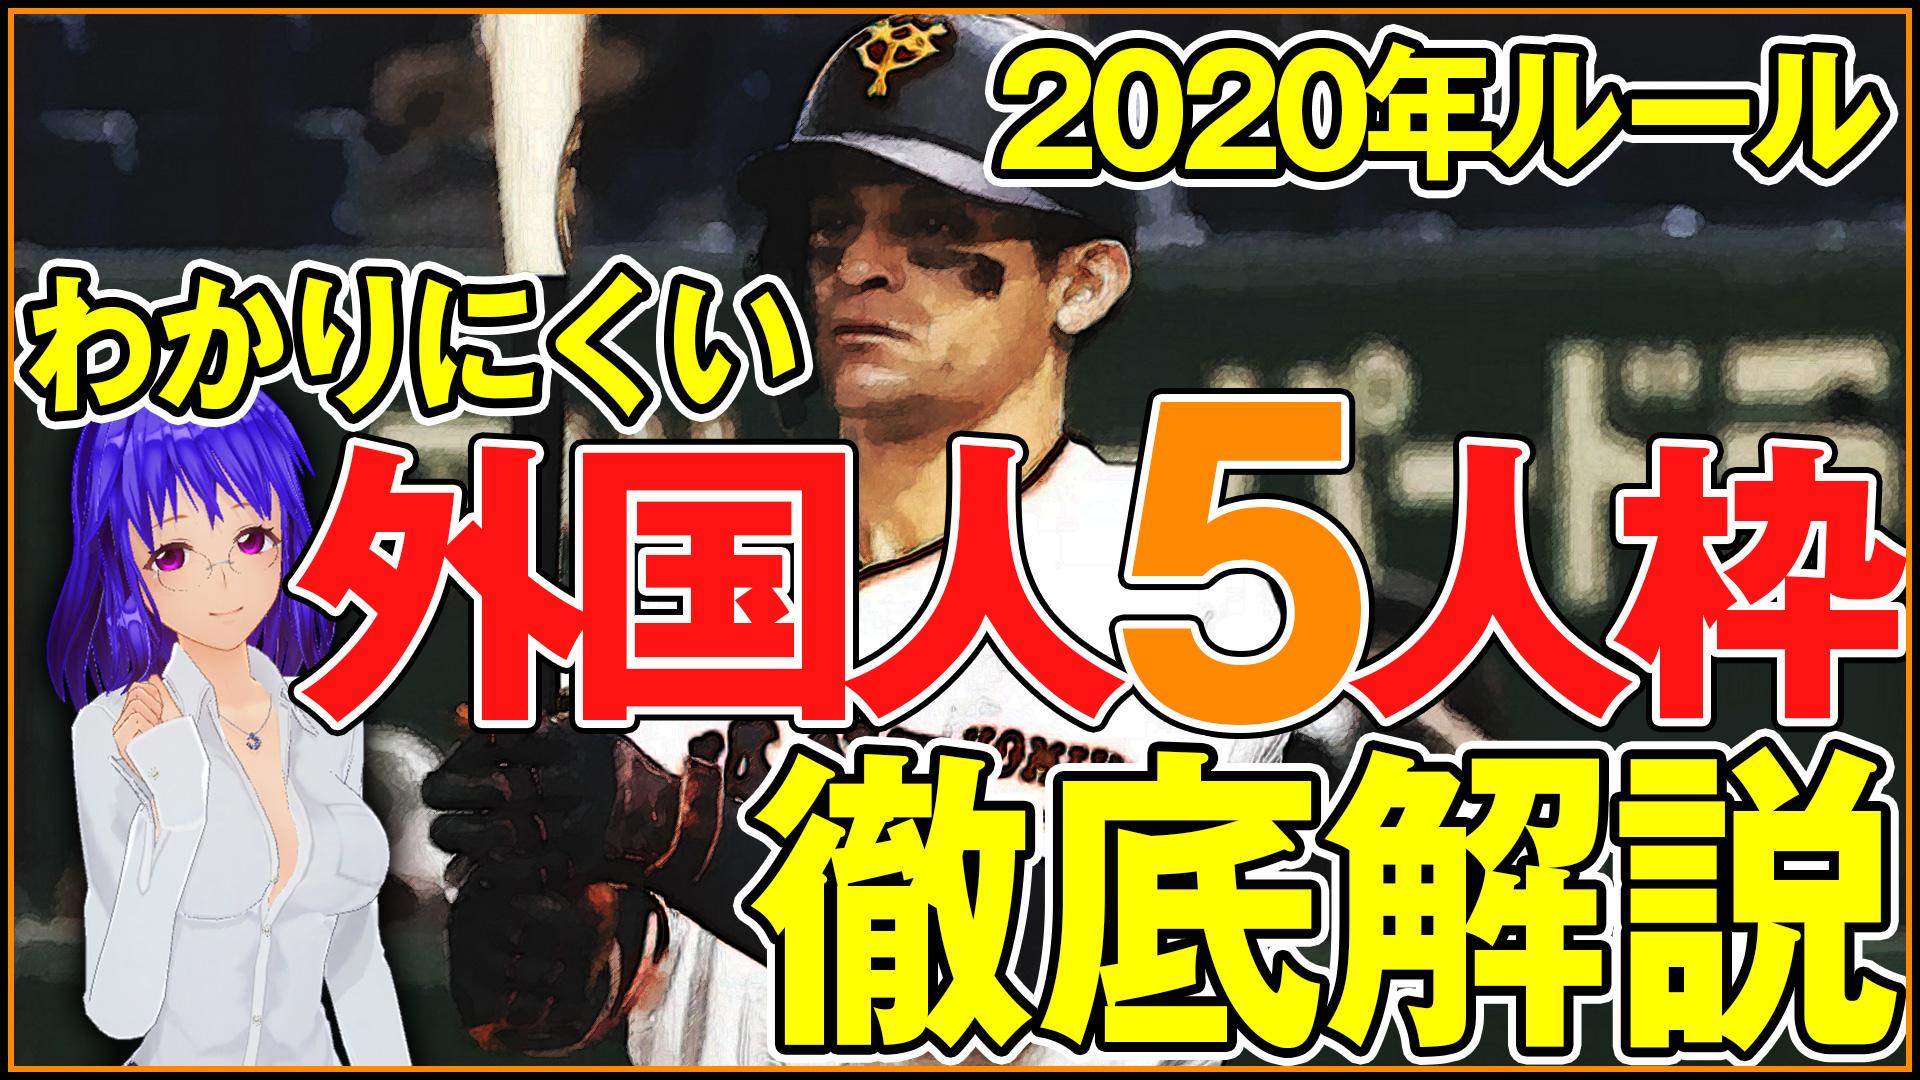 「外国人枠5人のルールがわかりにくい!」2020年プロ野球特例ルールを巨人を例に解説します